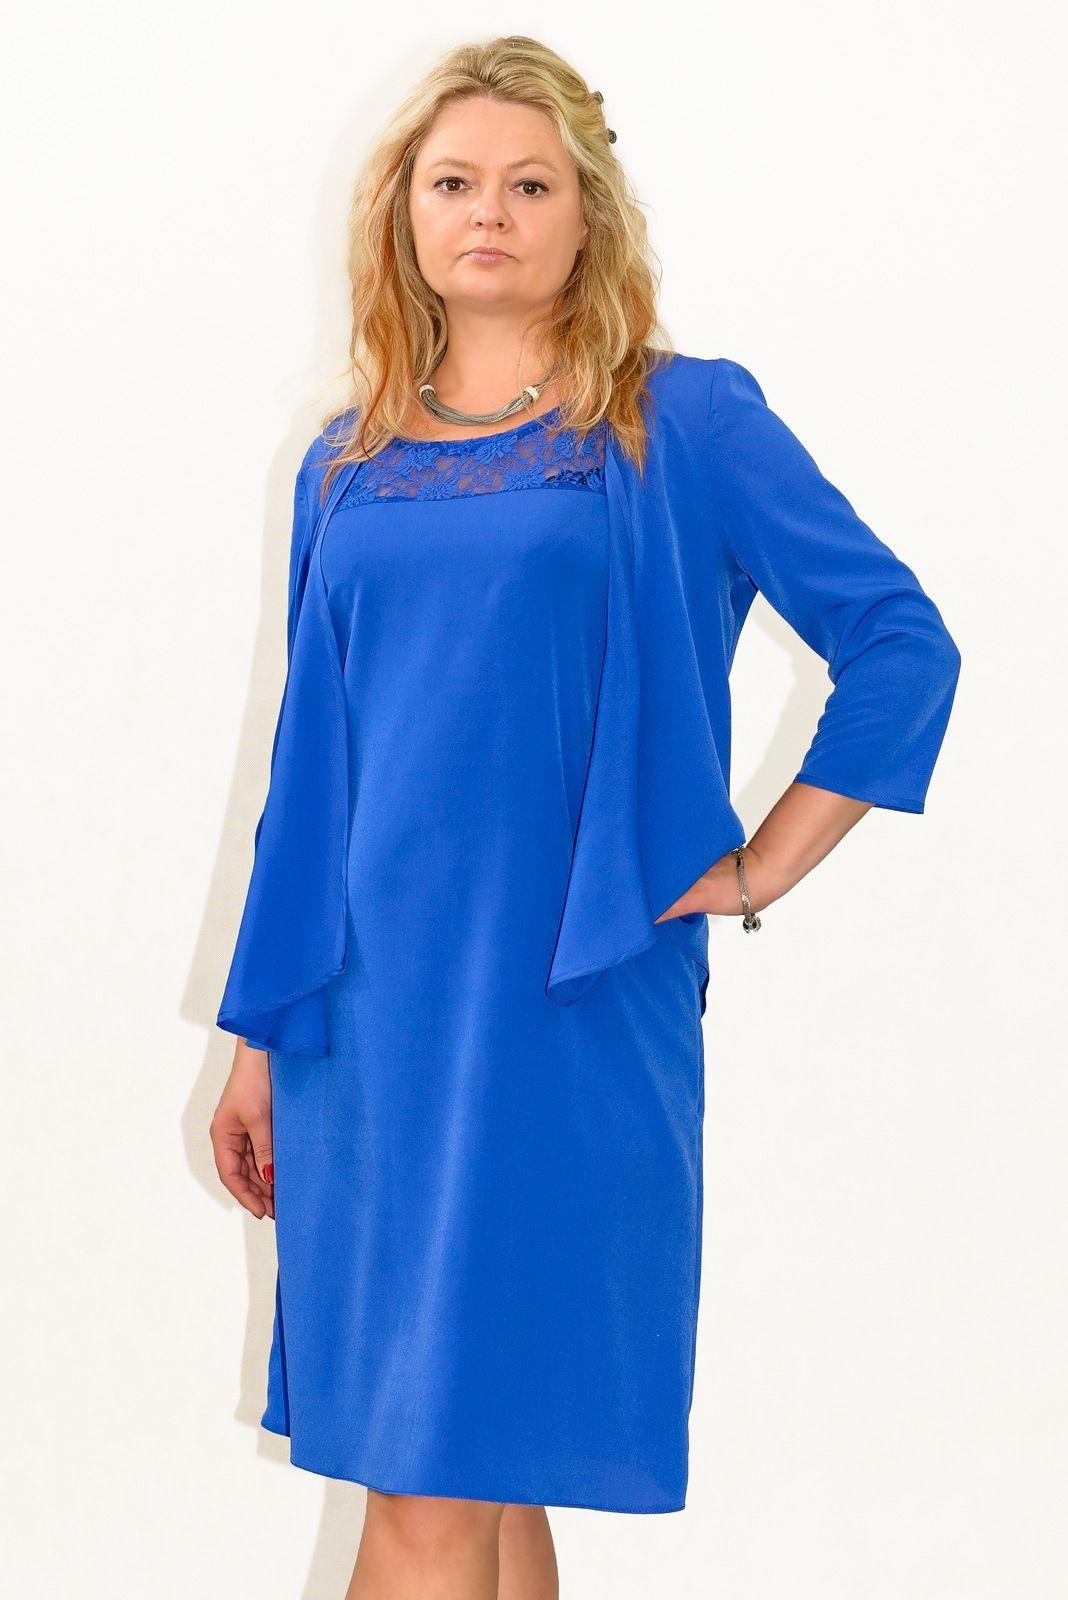 8df2efaf61 Elegancka sukienka XXL BELLFLOWER plus size 40-60 duże rozmiary BLUE ...